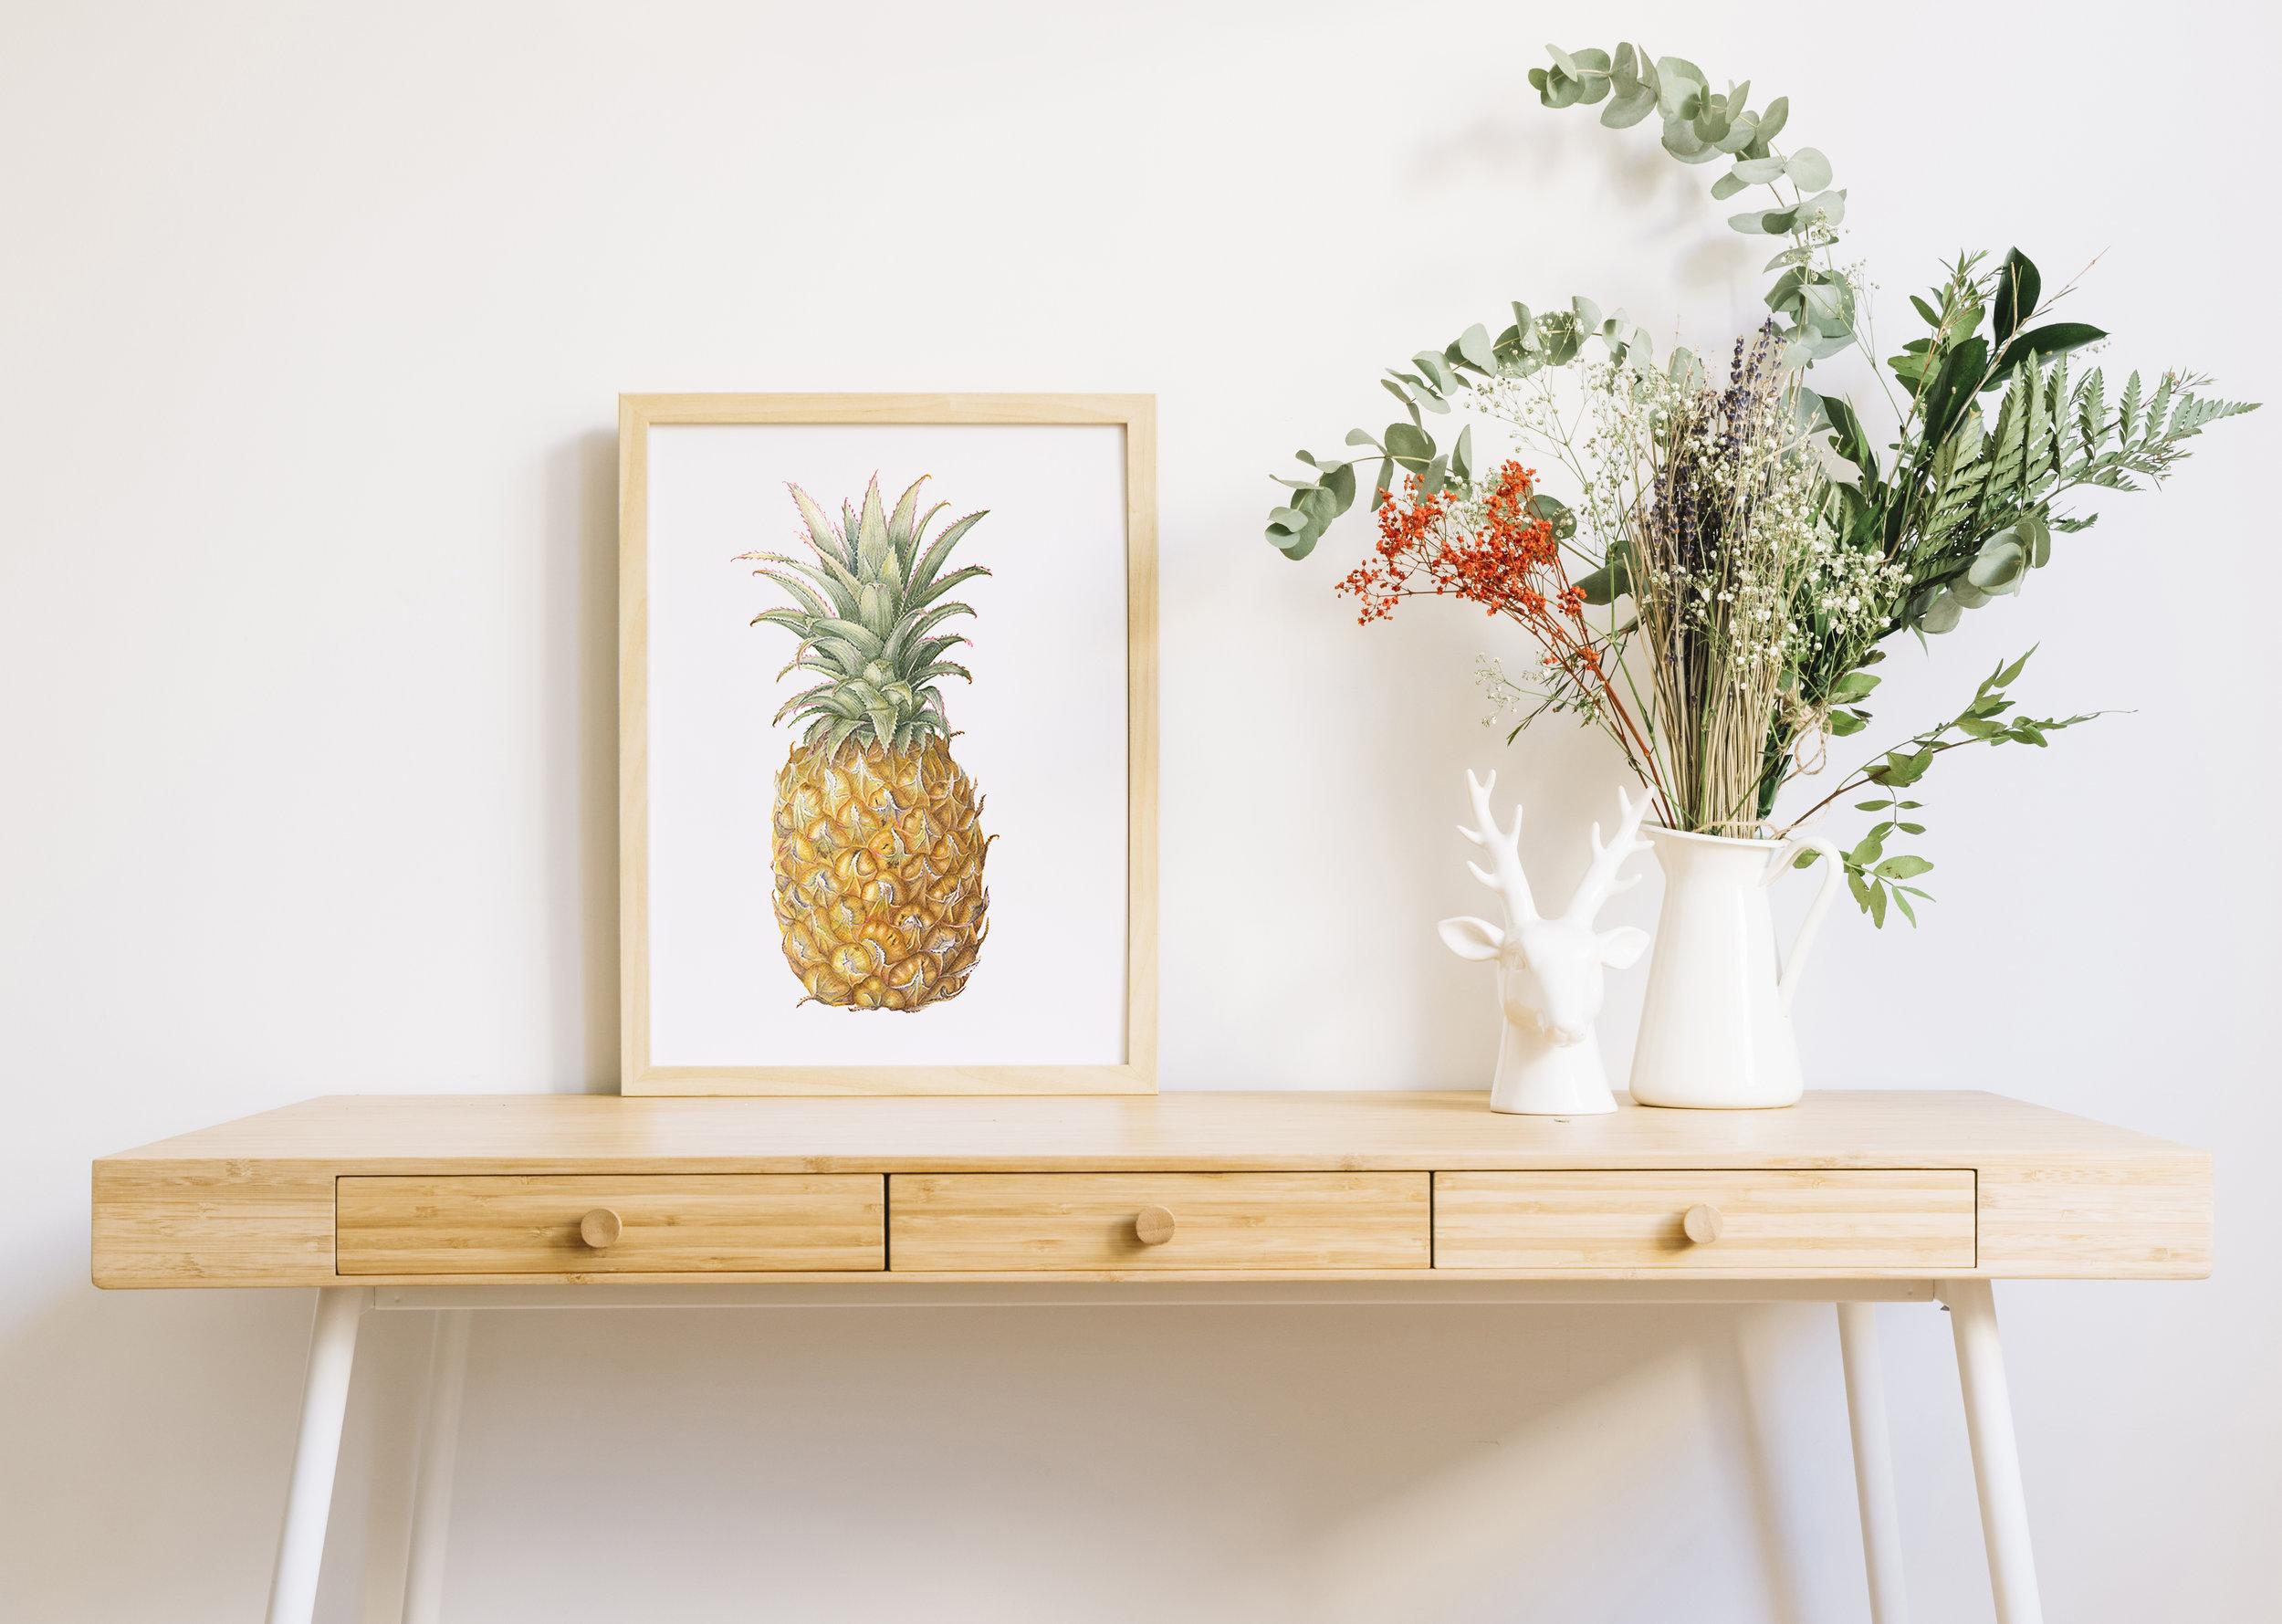 Pineapple Crush, 29 x 38 cm